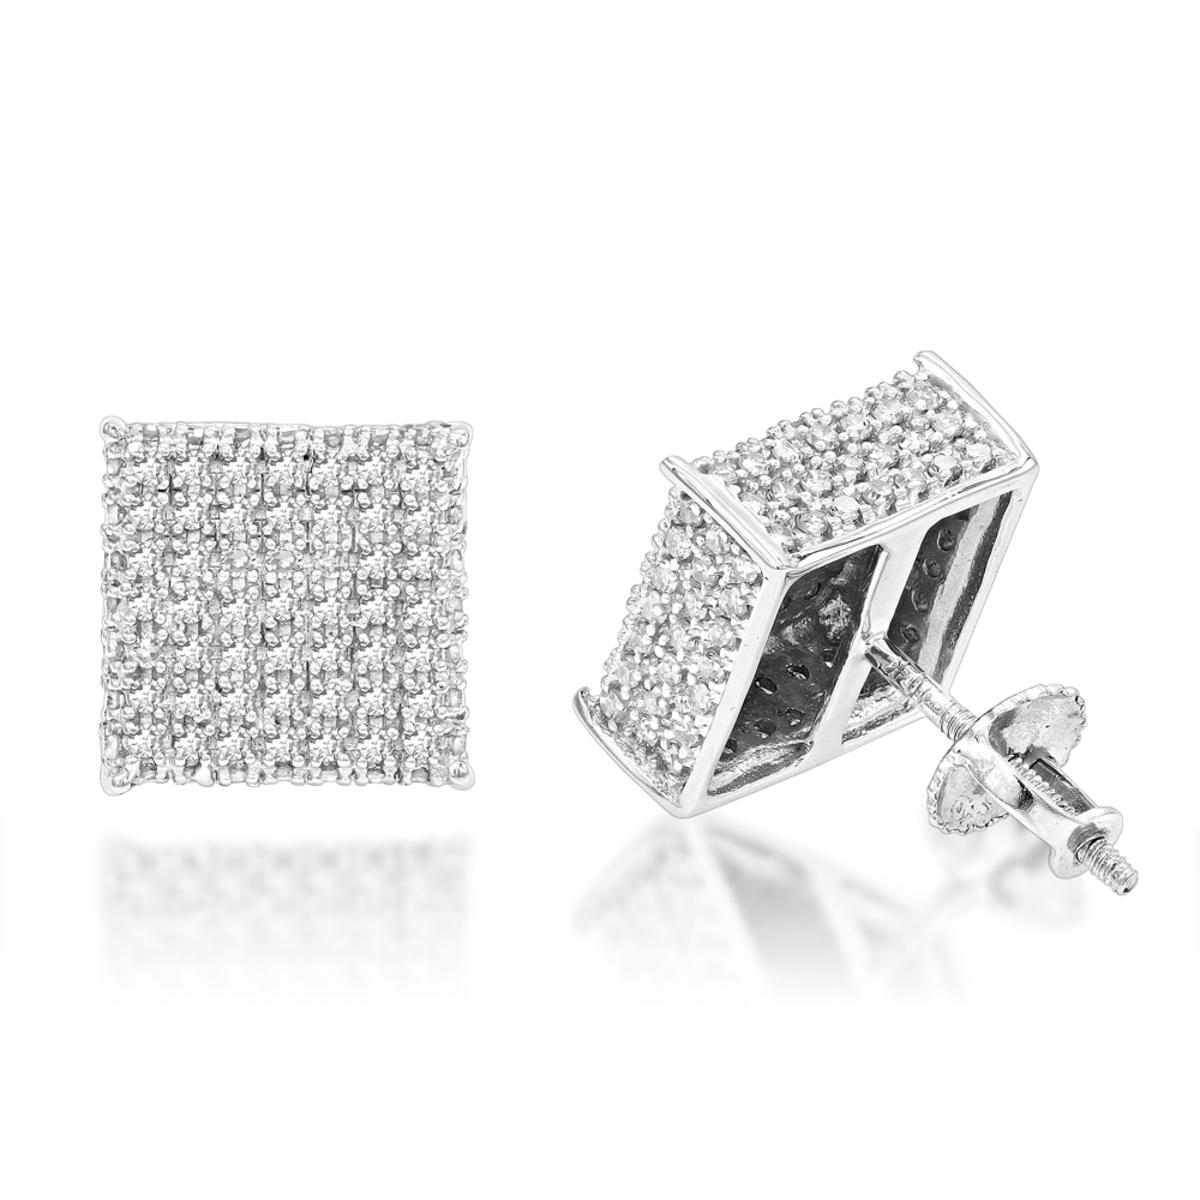 Diamond Earrings 10K Gold Diamond Stud Earrings 1.15ct